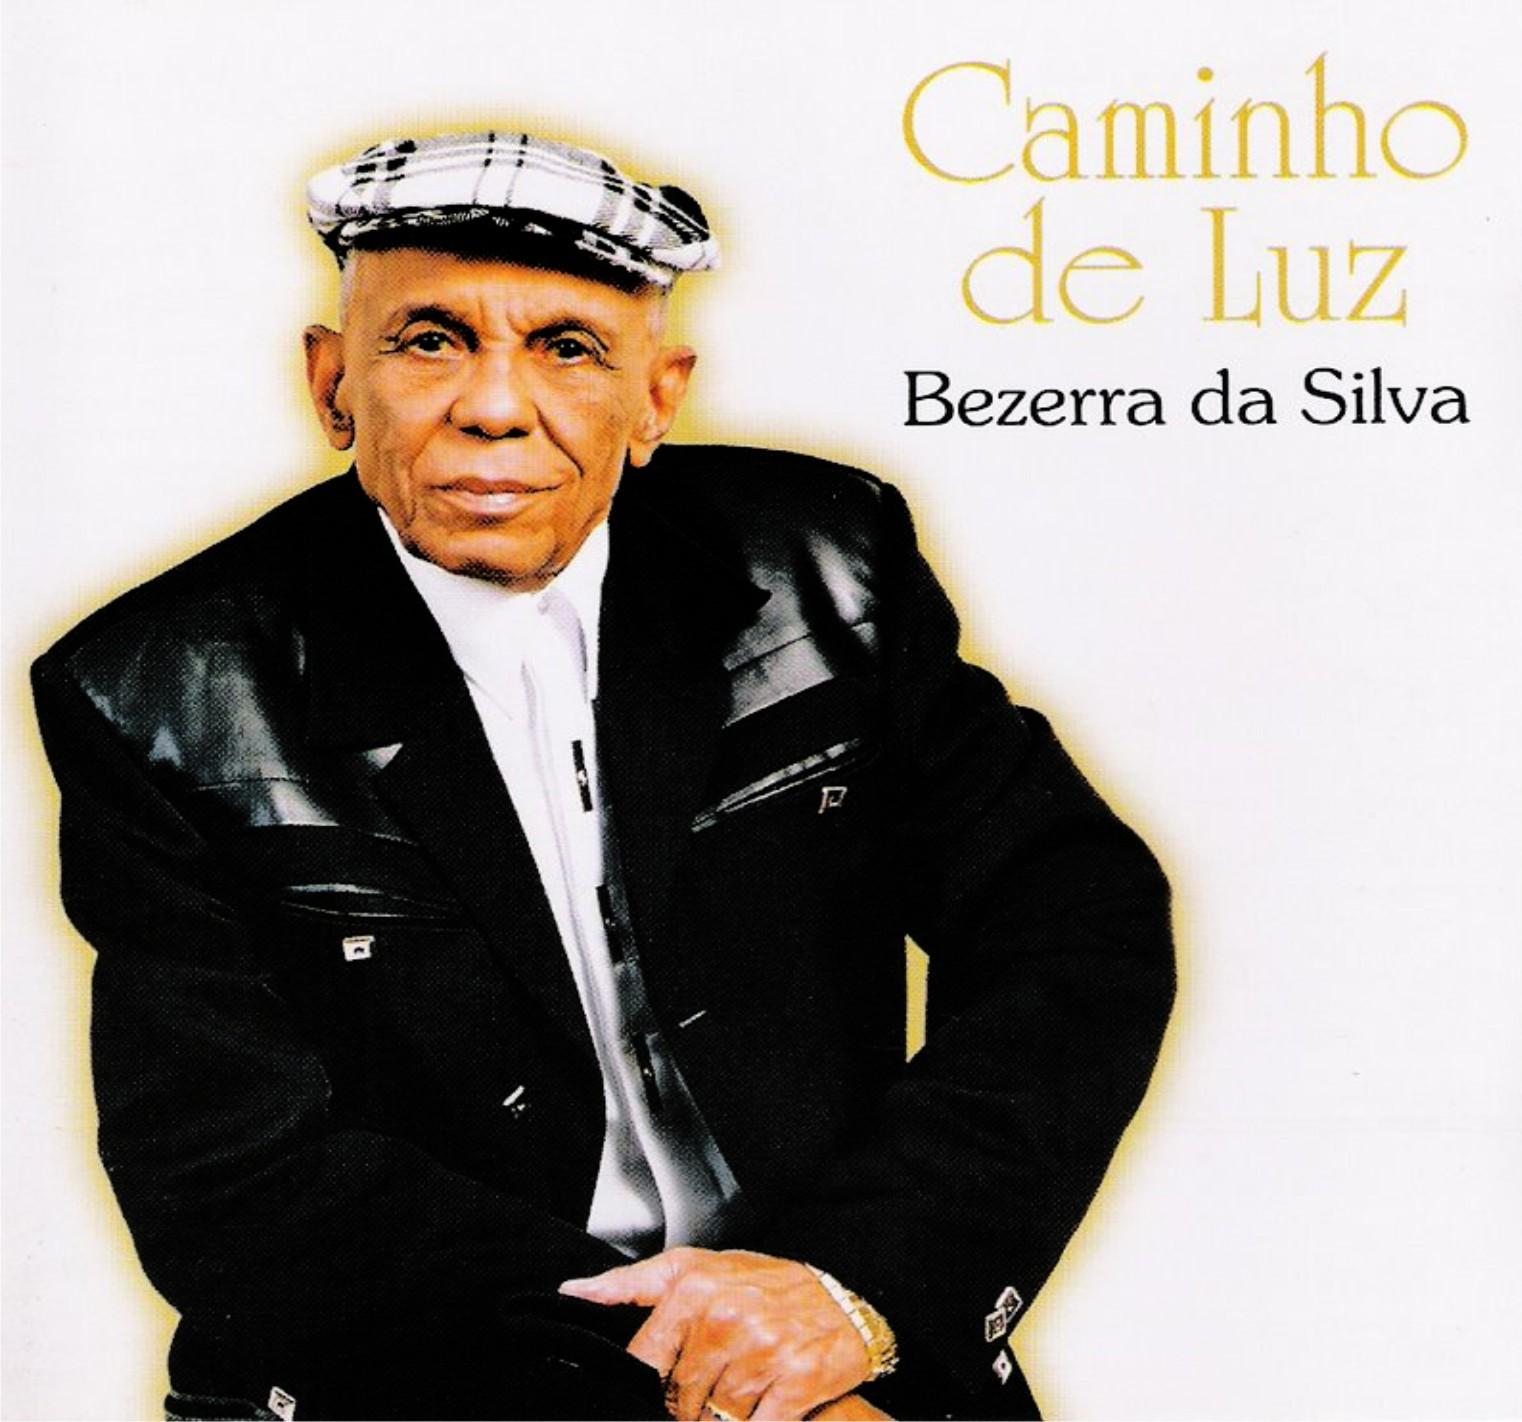 BEZERRA 2003 JUIZ BAIXAR DA MEU CD SILVA BOM